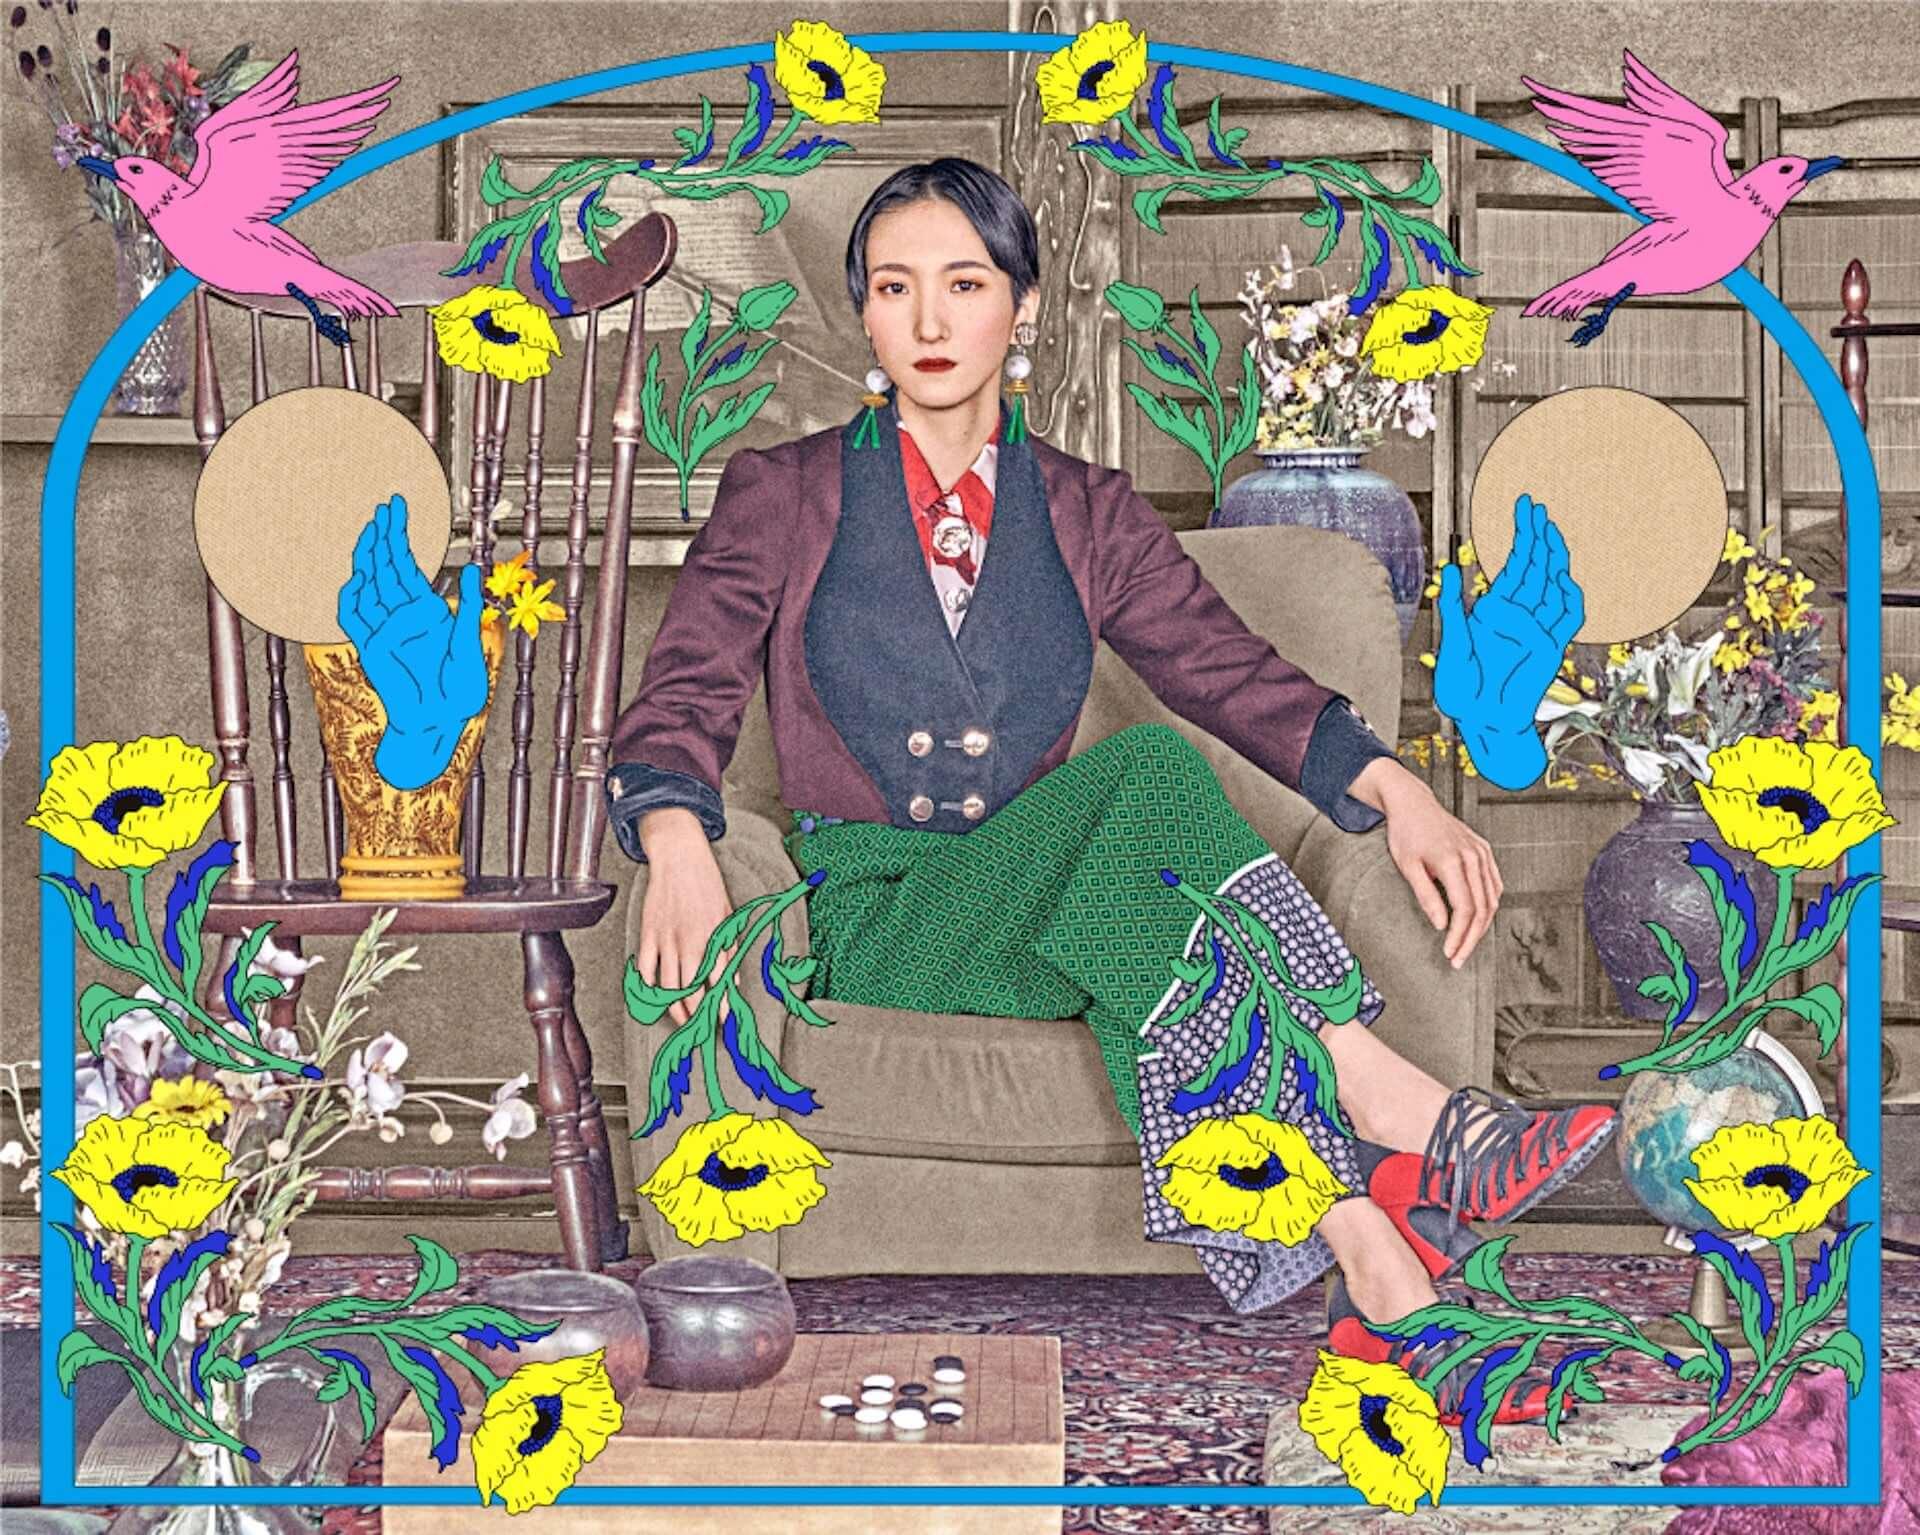 """日食なつこが本日リリースのニューシングル""""音楽のすゝめ""""MVを公開!カラーガードチーム・Via Colorguardも出演 music210310_nisshoku-natsuko_1-1920x1535"""